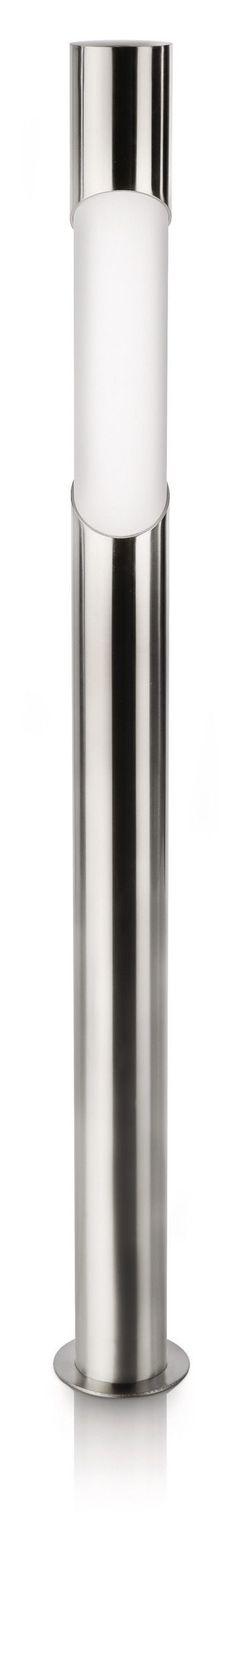 Philips Ecomoods Sockel-/Wegeleuchte  Spot Fluorisierend AC warmweiß E27     #Philips #163424716 #Wegeleuchten  Hier klicken, um weiterzulesen.